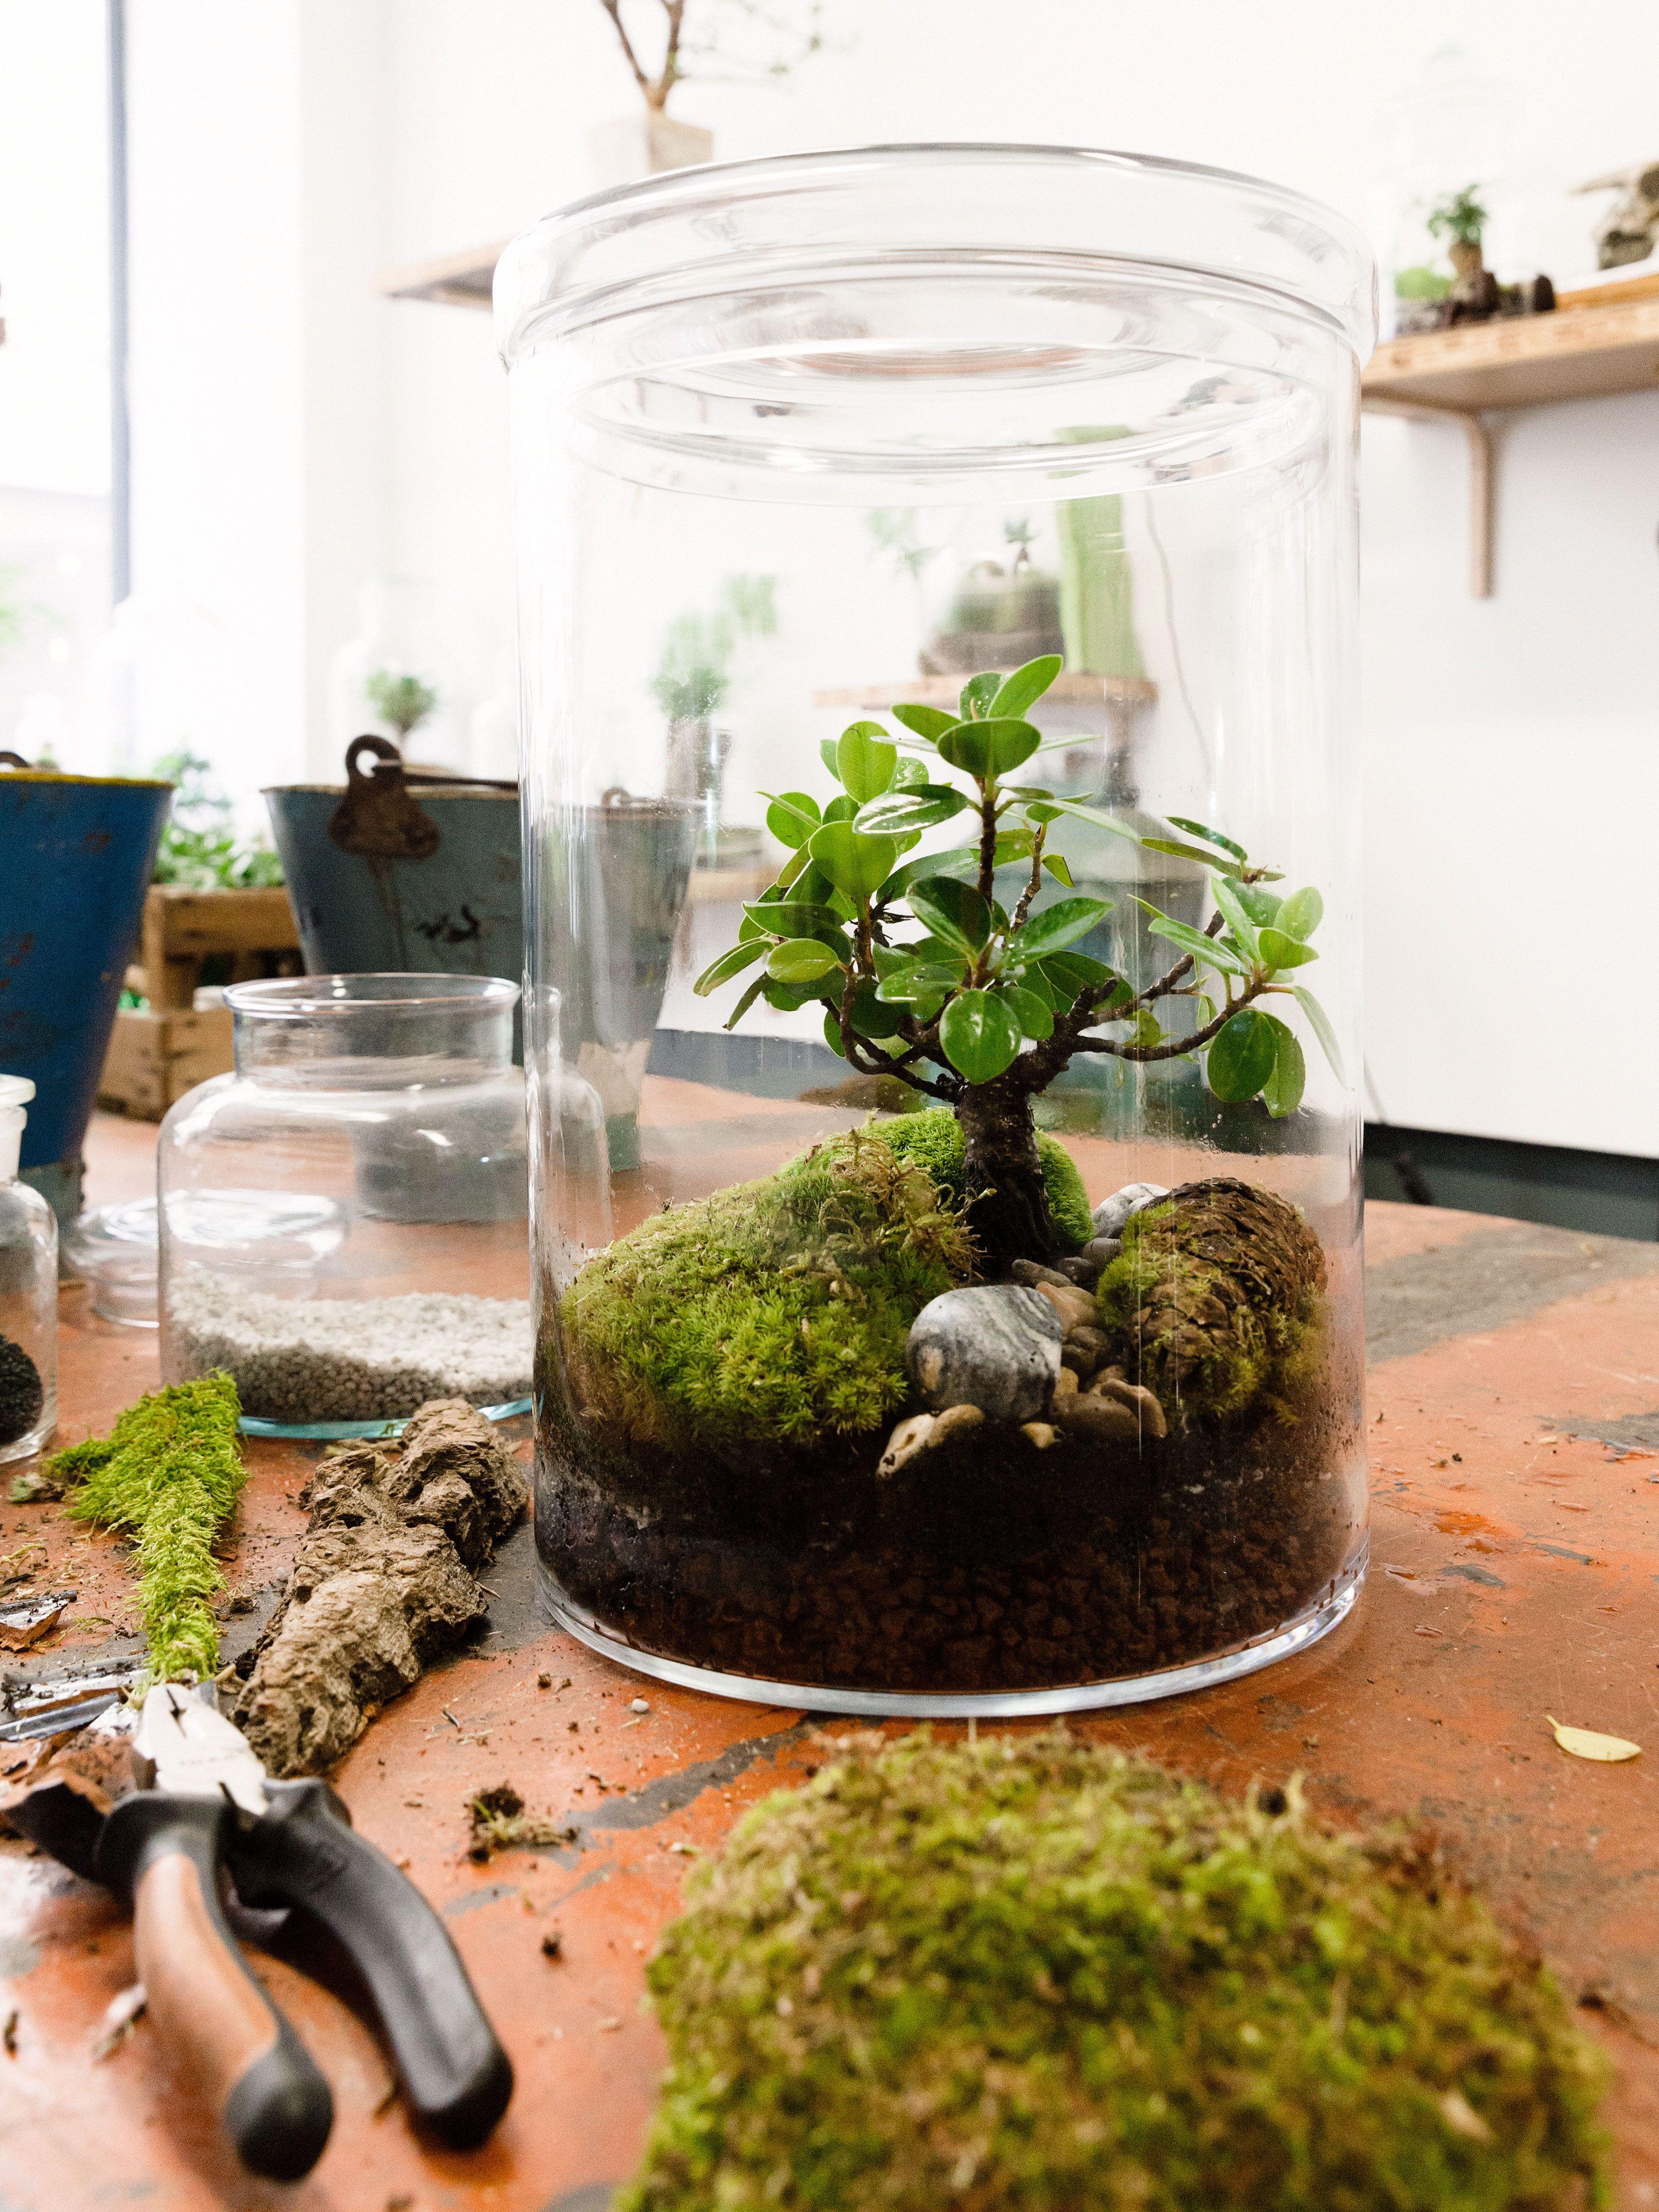 maak je huis groener met terrariums noam levy van the green factory voor expos 07 expos. Black Bedroom Furniture Sets. Home Design Ideas